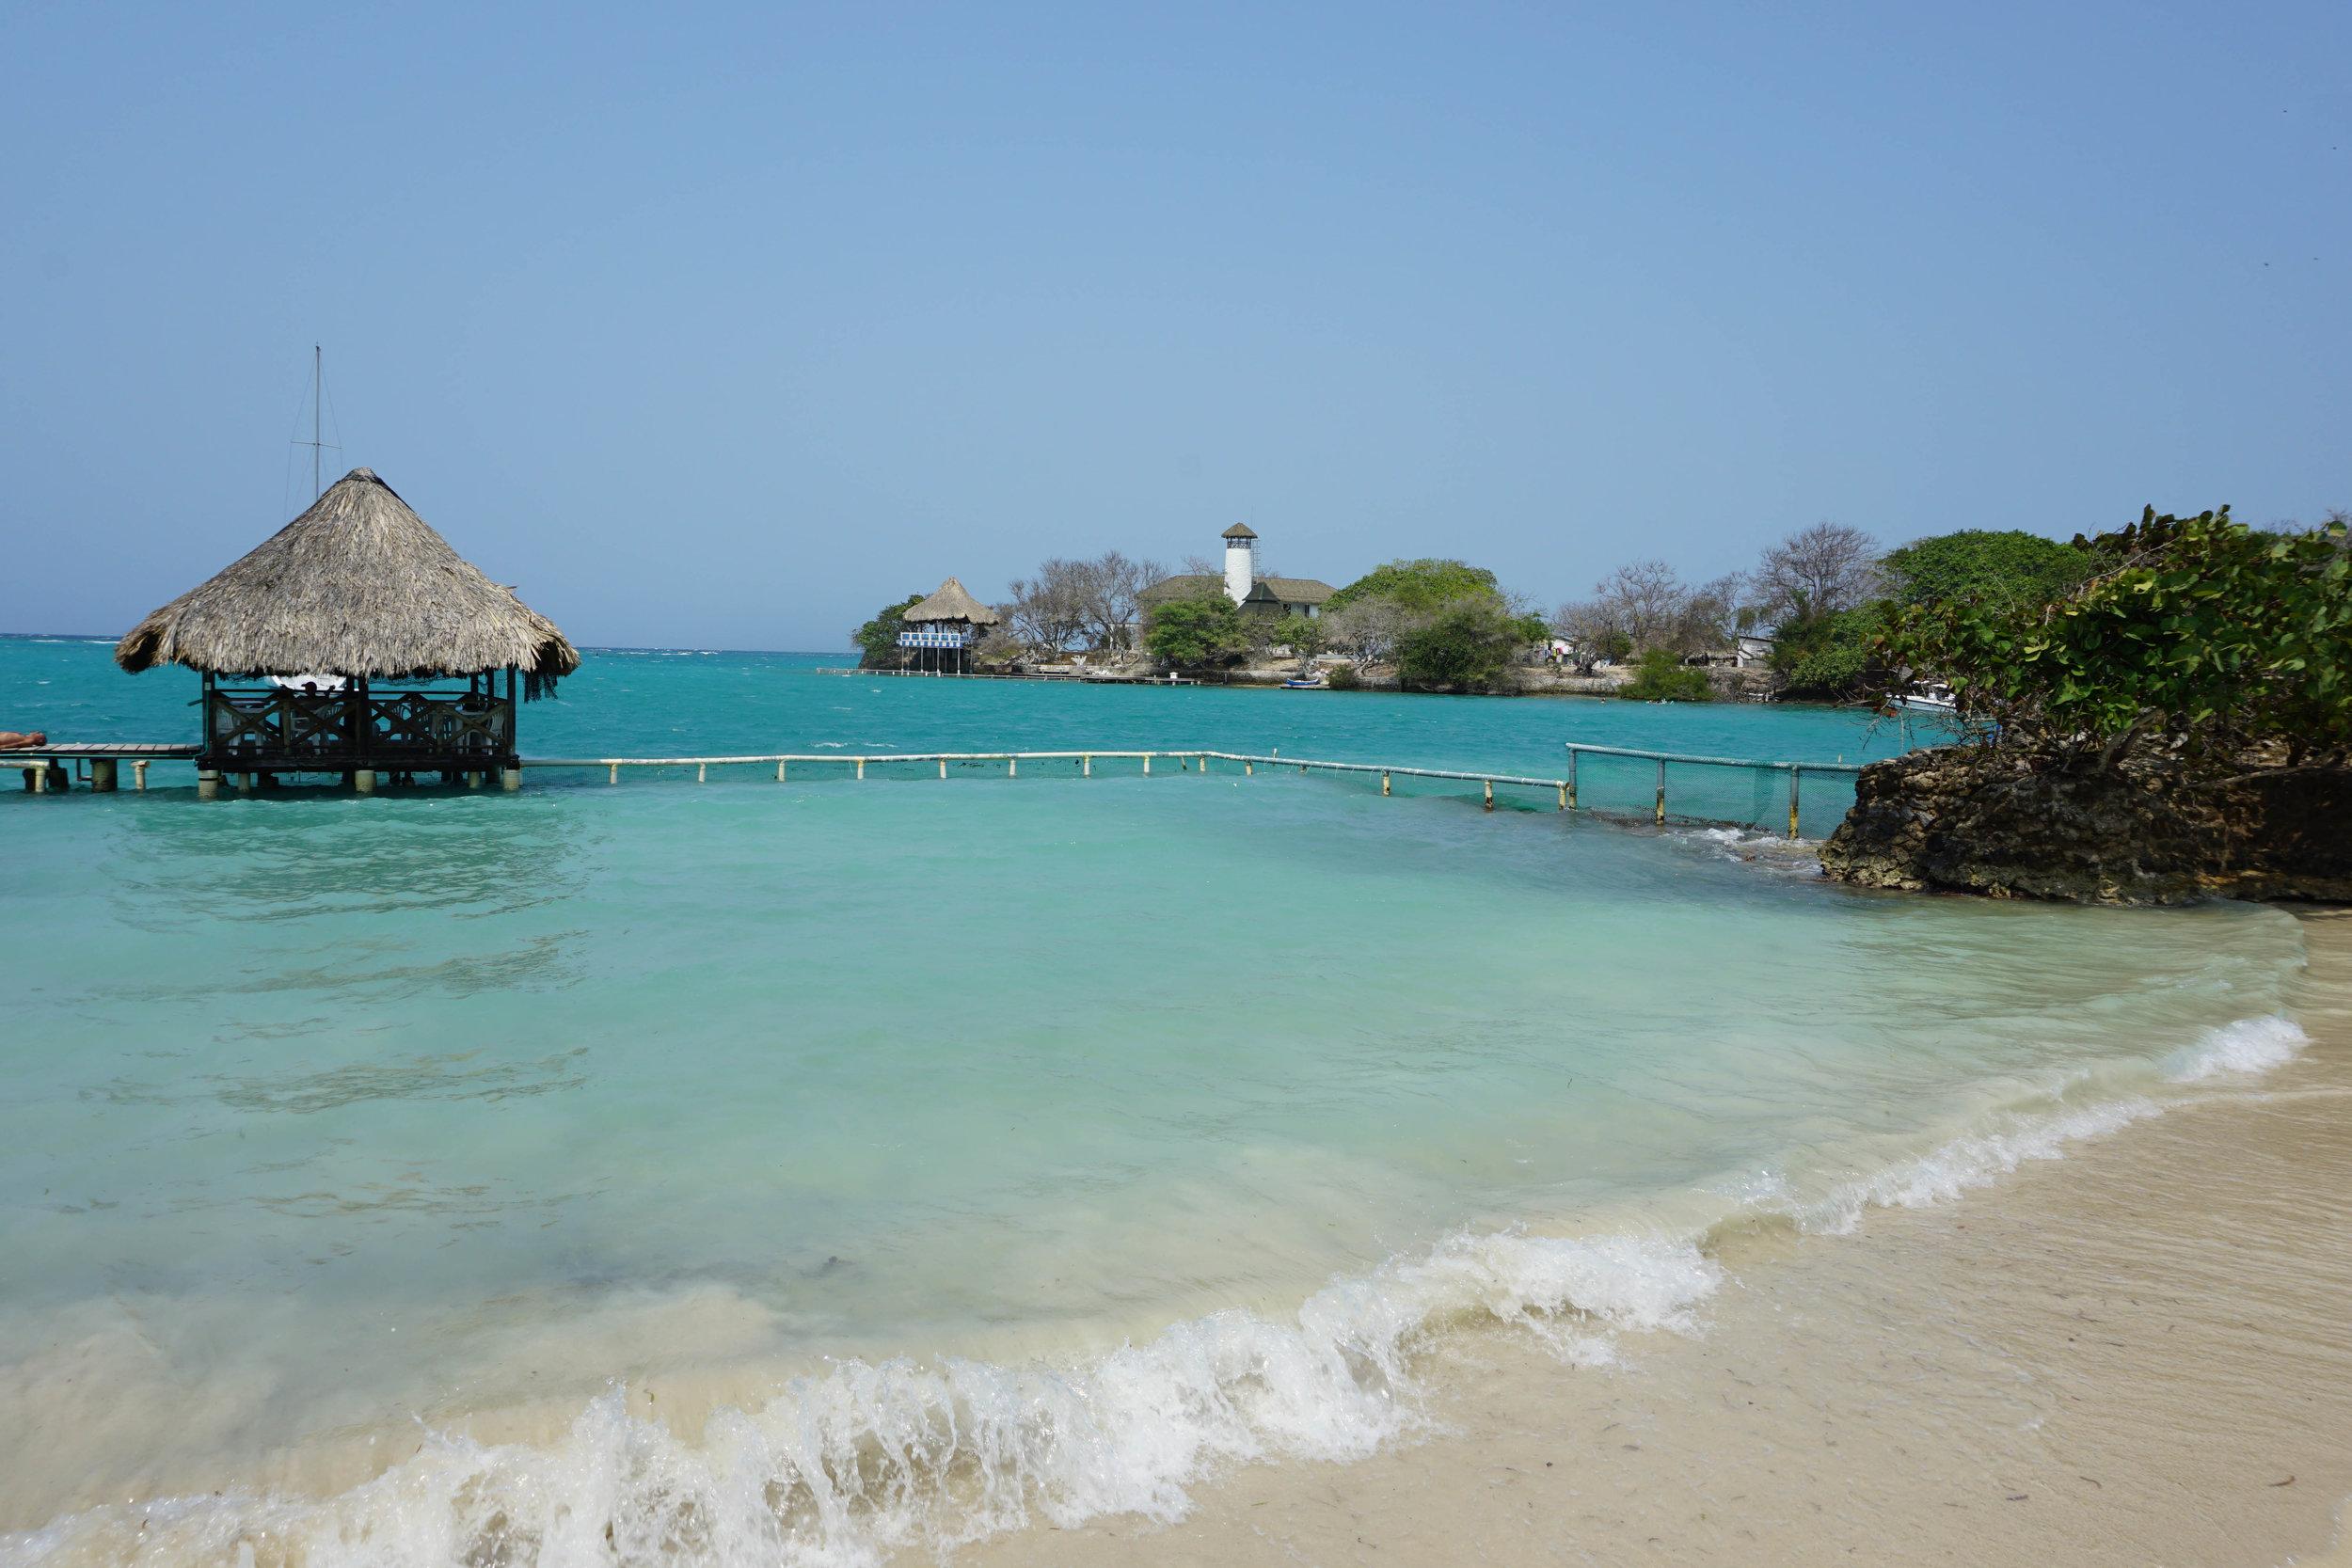 Islas del Rosario Cartagena Colombia.jpg